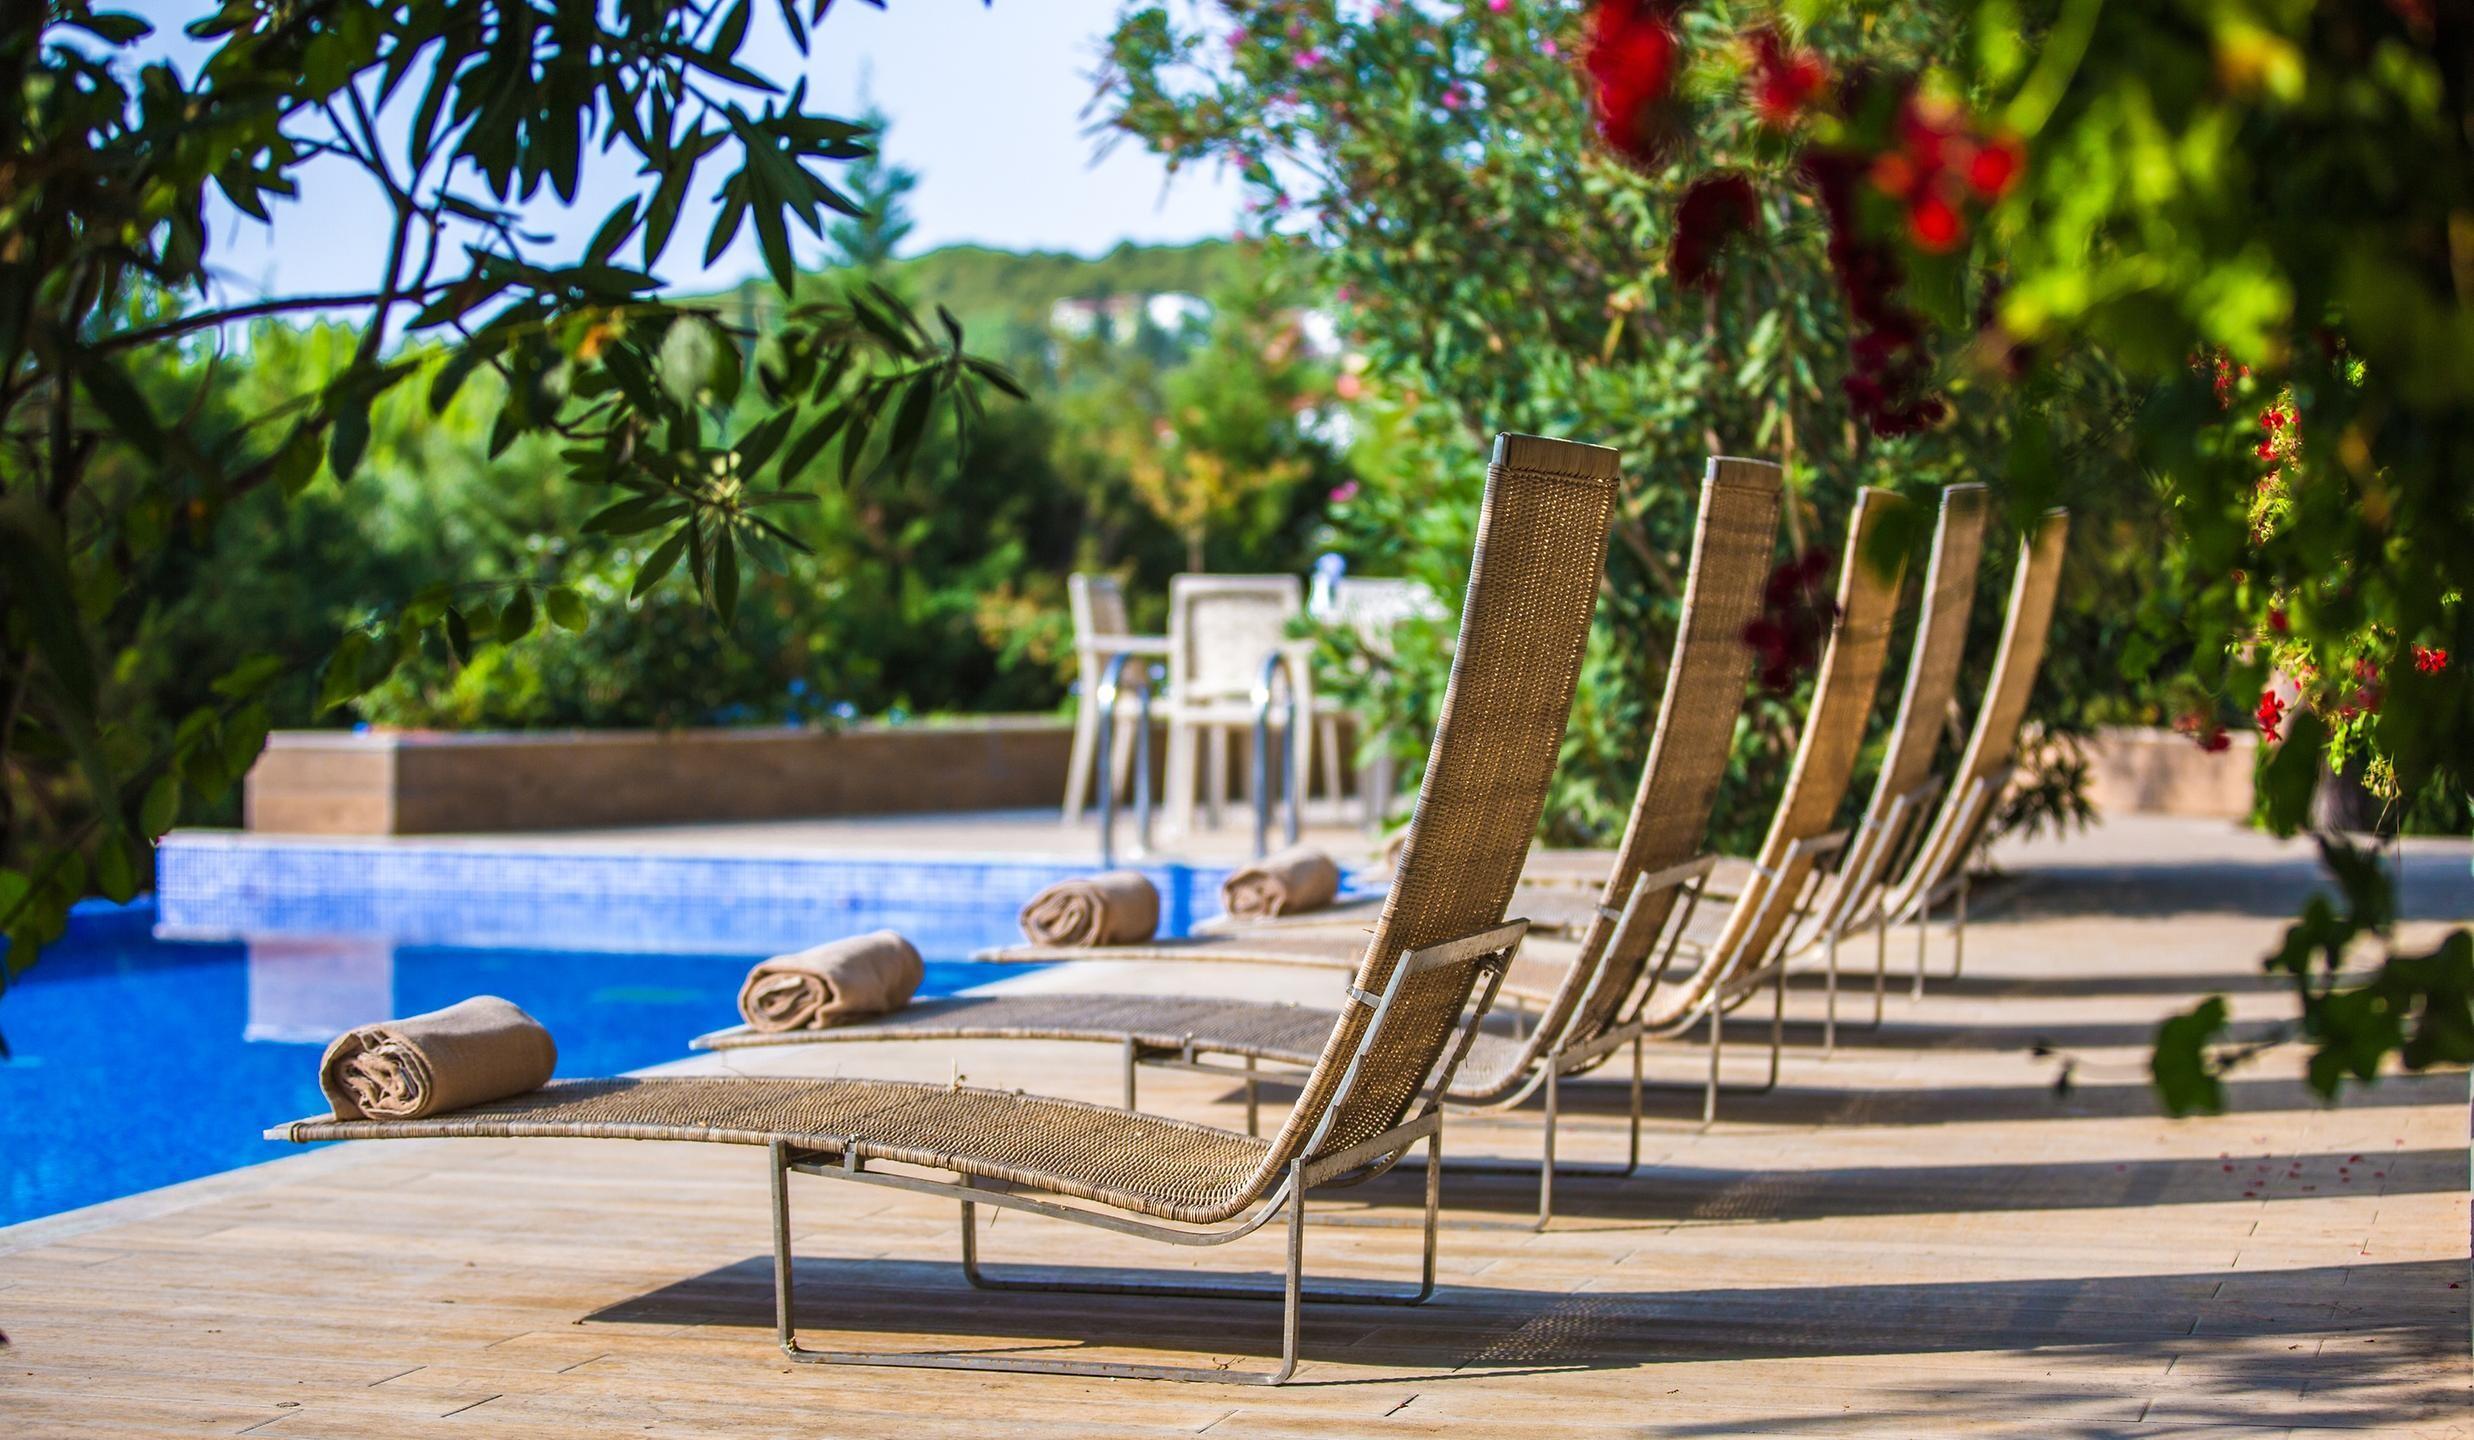 Pine Bay Holiday Resort - басейн